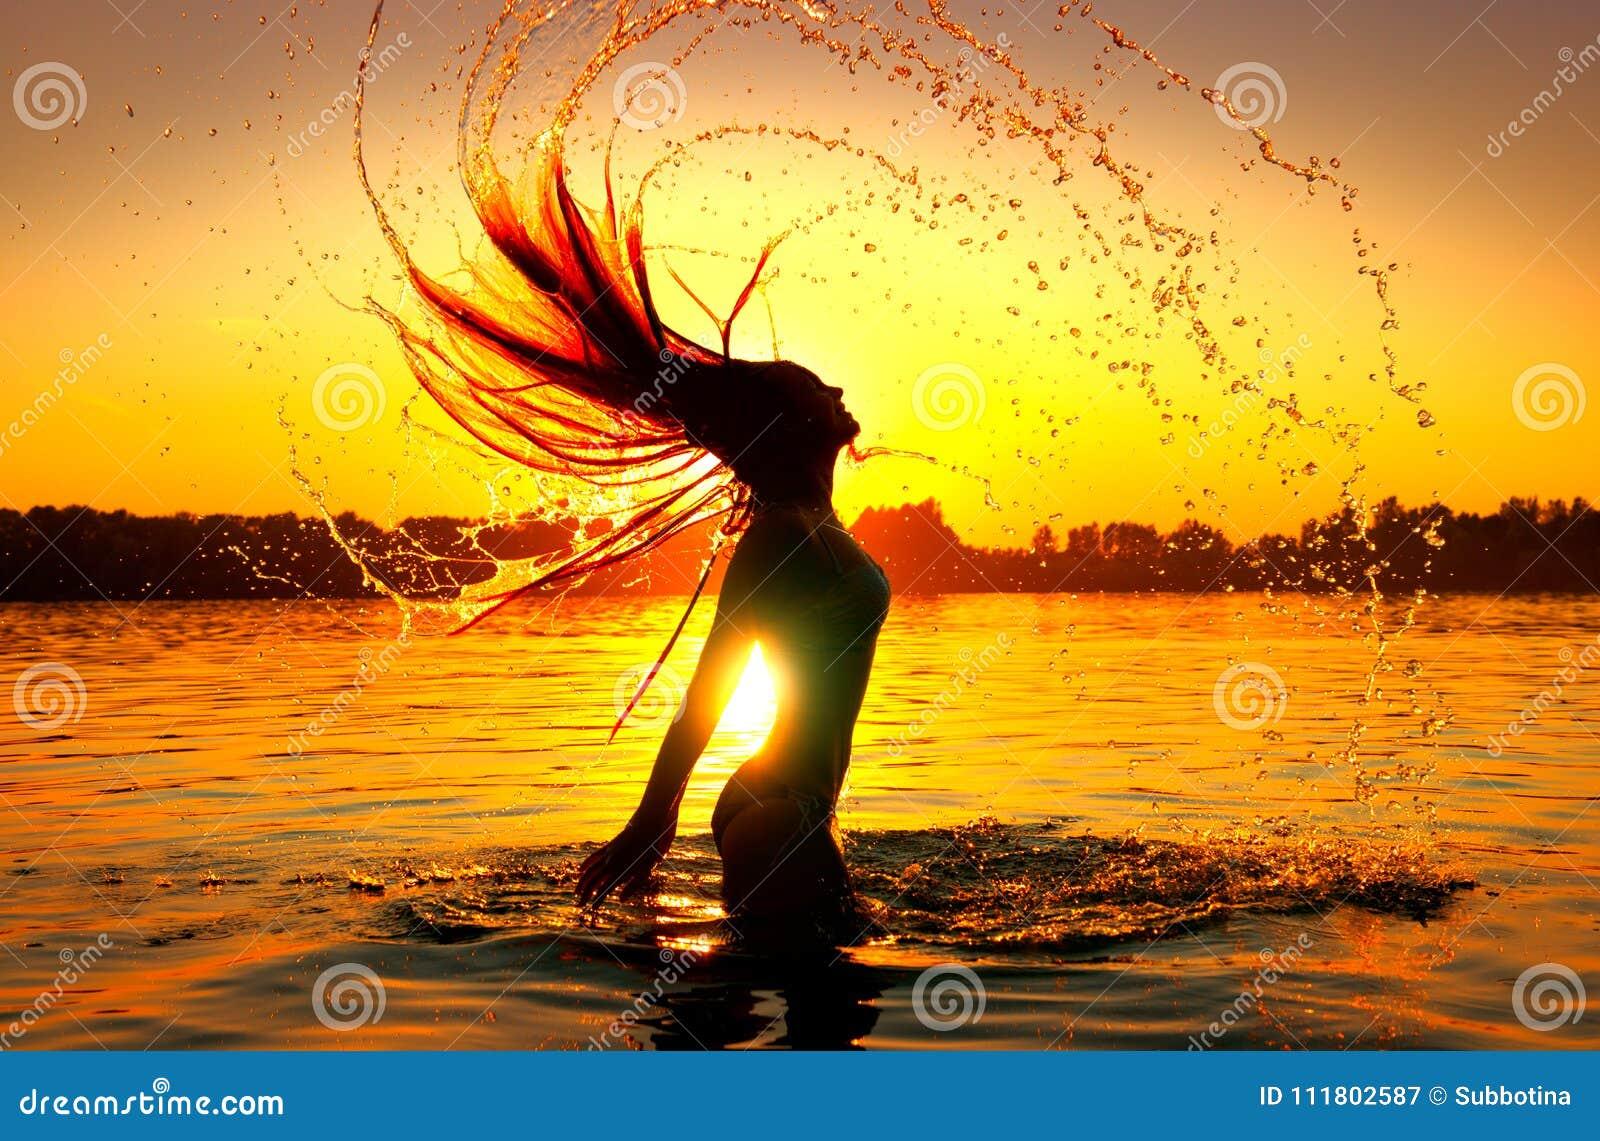 Καταβρέχοντας νερό κοριτσιών ομορφιάς πρότυπο με την τρίχα της Σκιαγραφία κοριτσιών πέρα από τον ουρανό ηλιοβασιλέματος Κολύμβηση